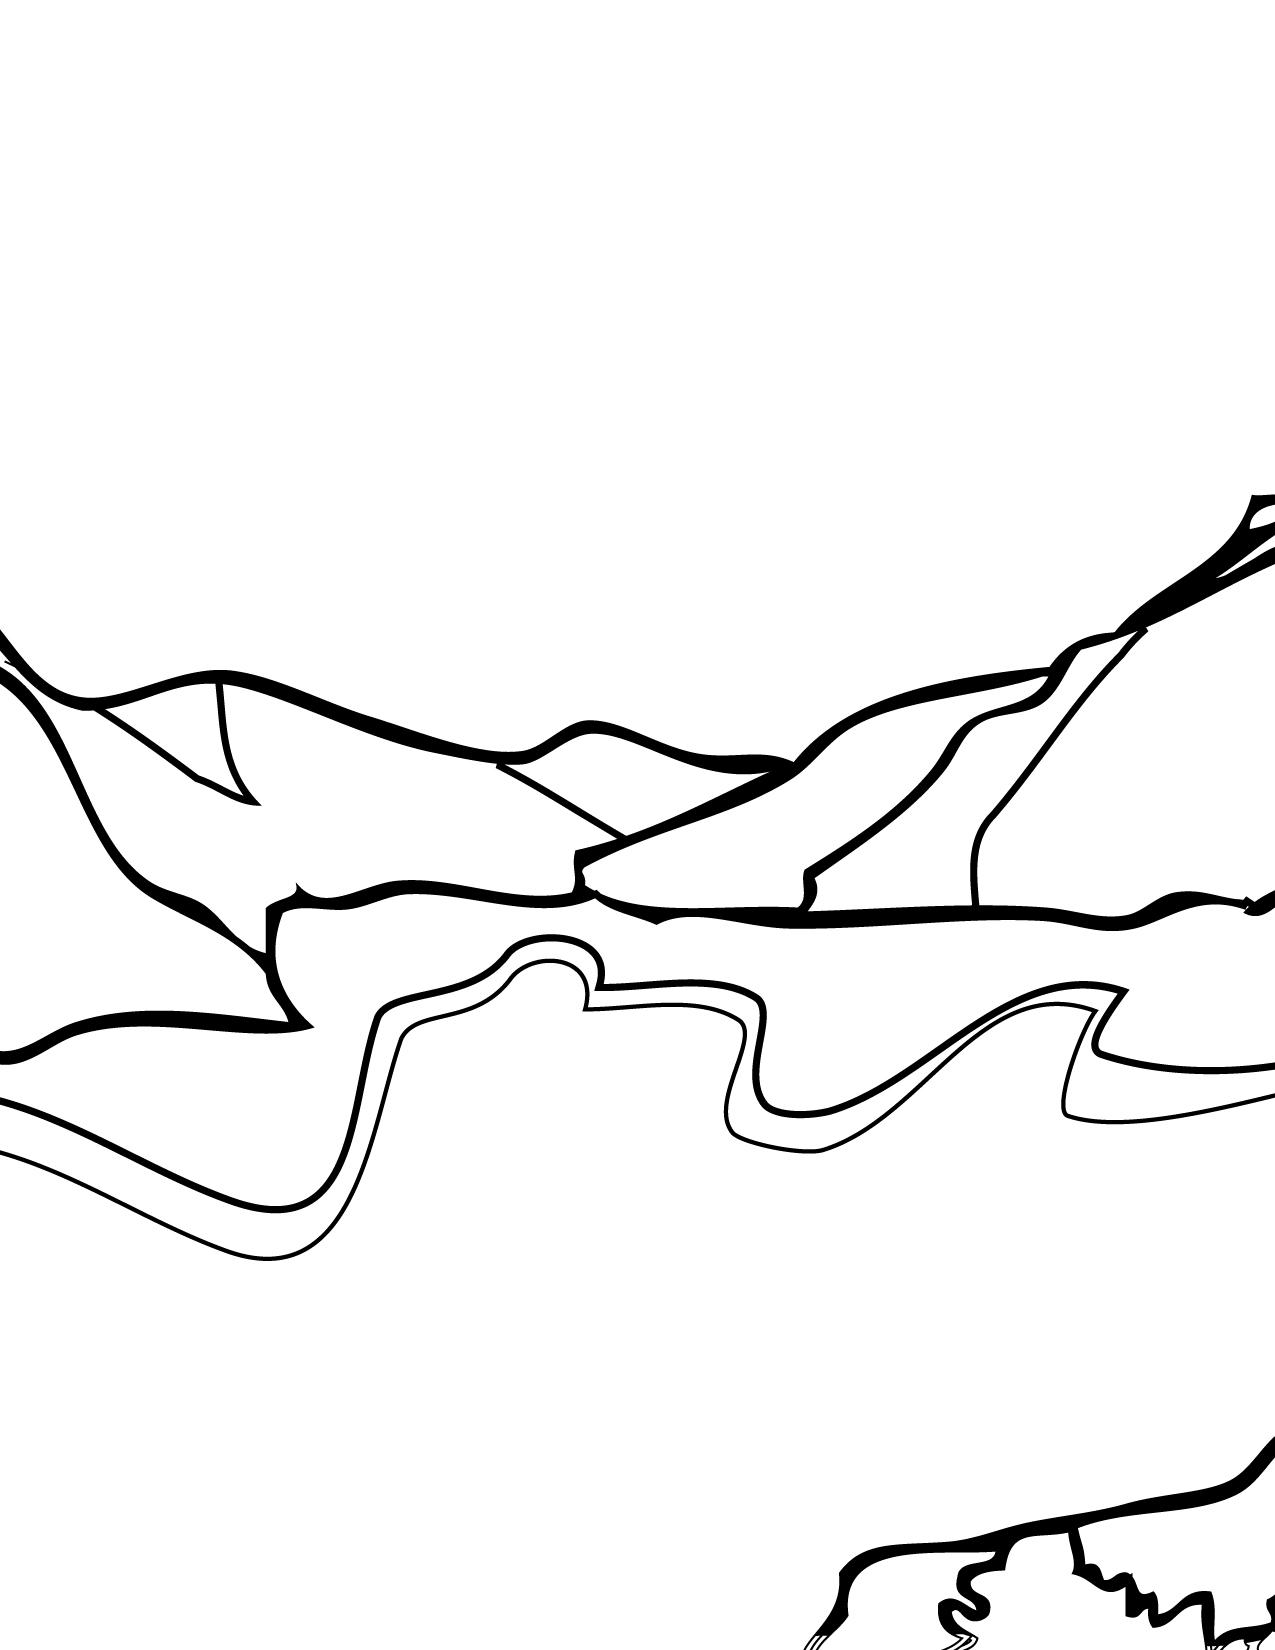 1275x1650 Glacier Bay Coloring Page